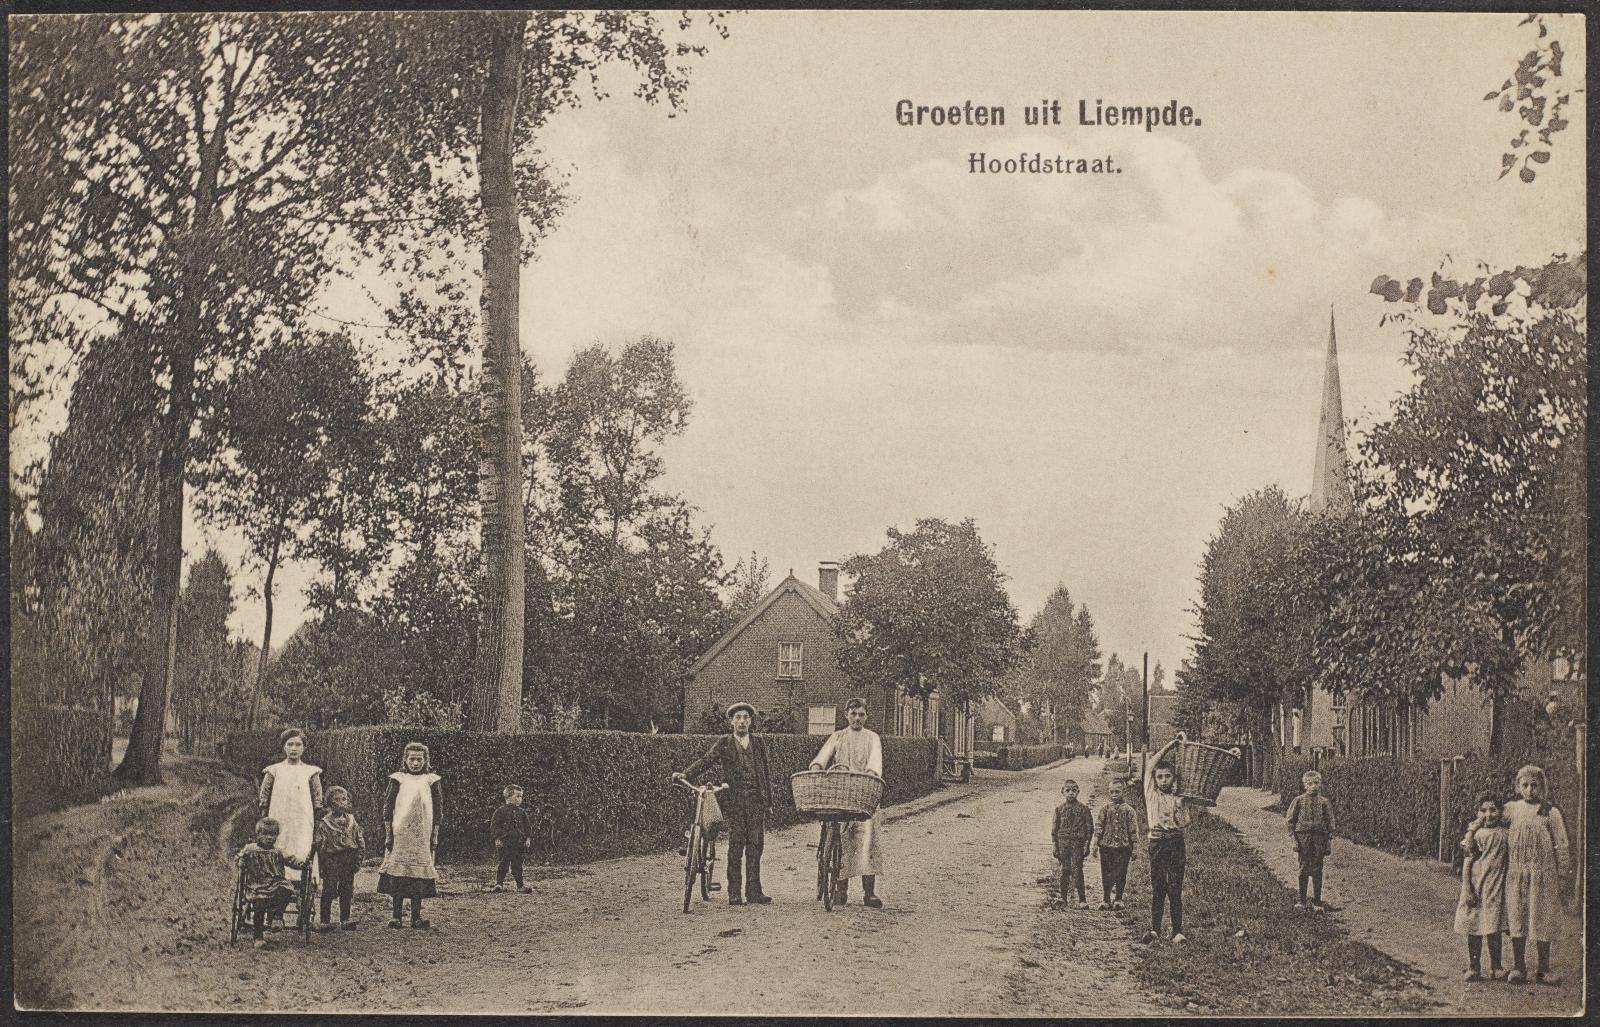 Groeten uit Liempde. Hoofdstraat